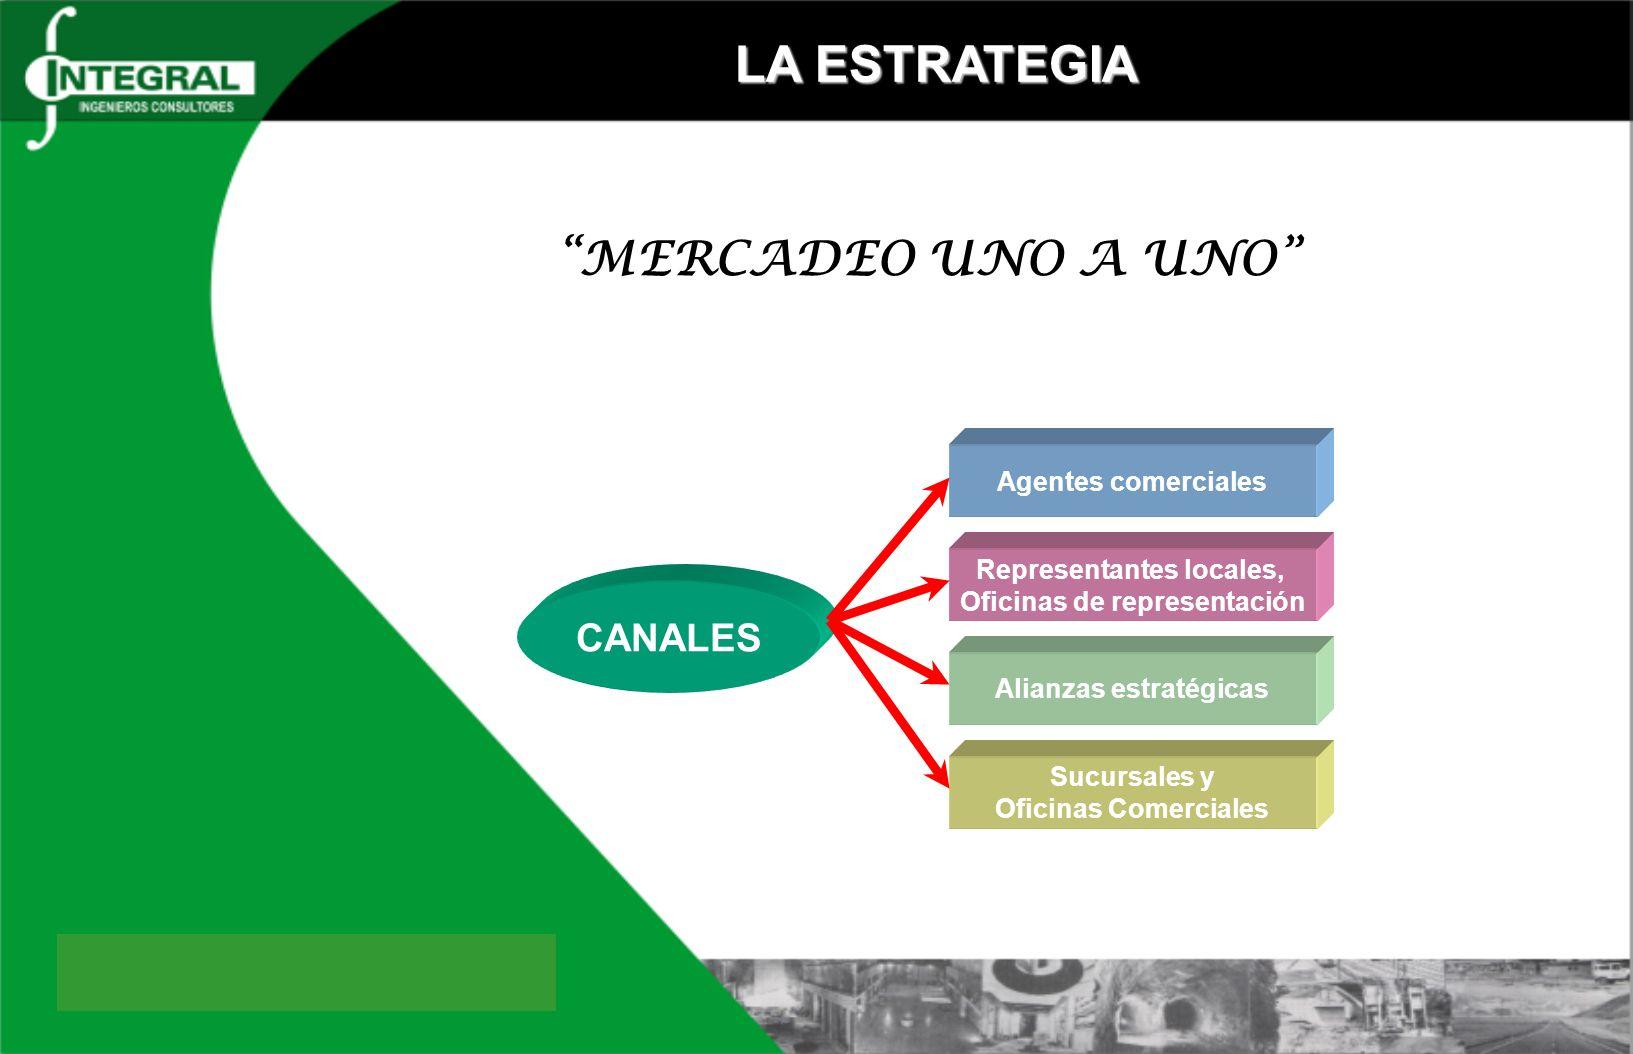 MERCADEO UNO A UNO LA ESTRATEGIA CANALES Agentes comerciales Representantes locales, Oficinas de representación Alianzas estratégicas Sucursales y Ofi